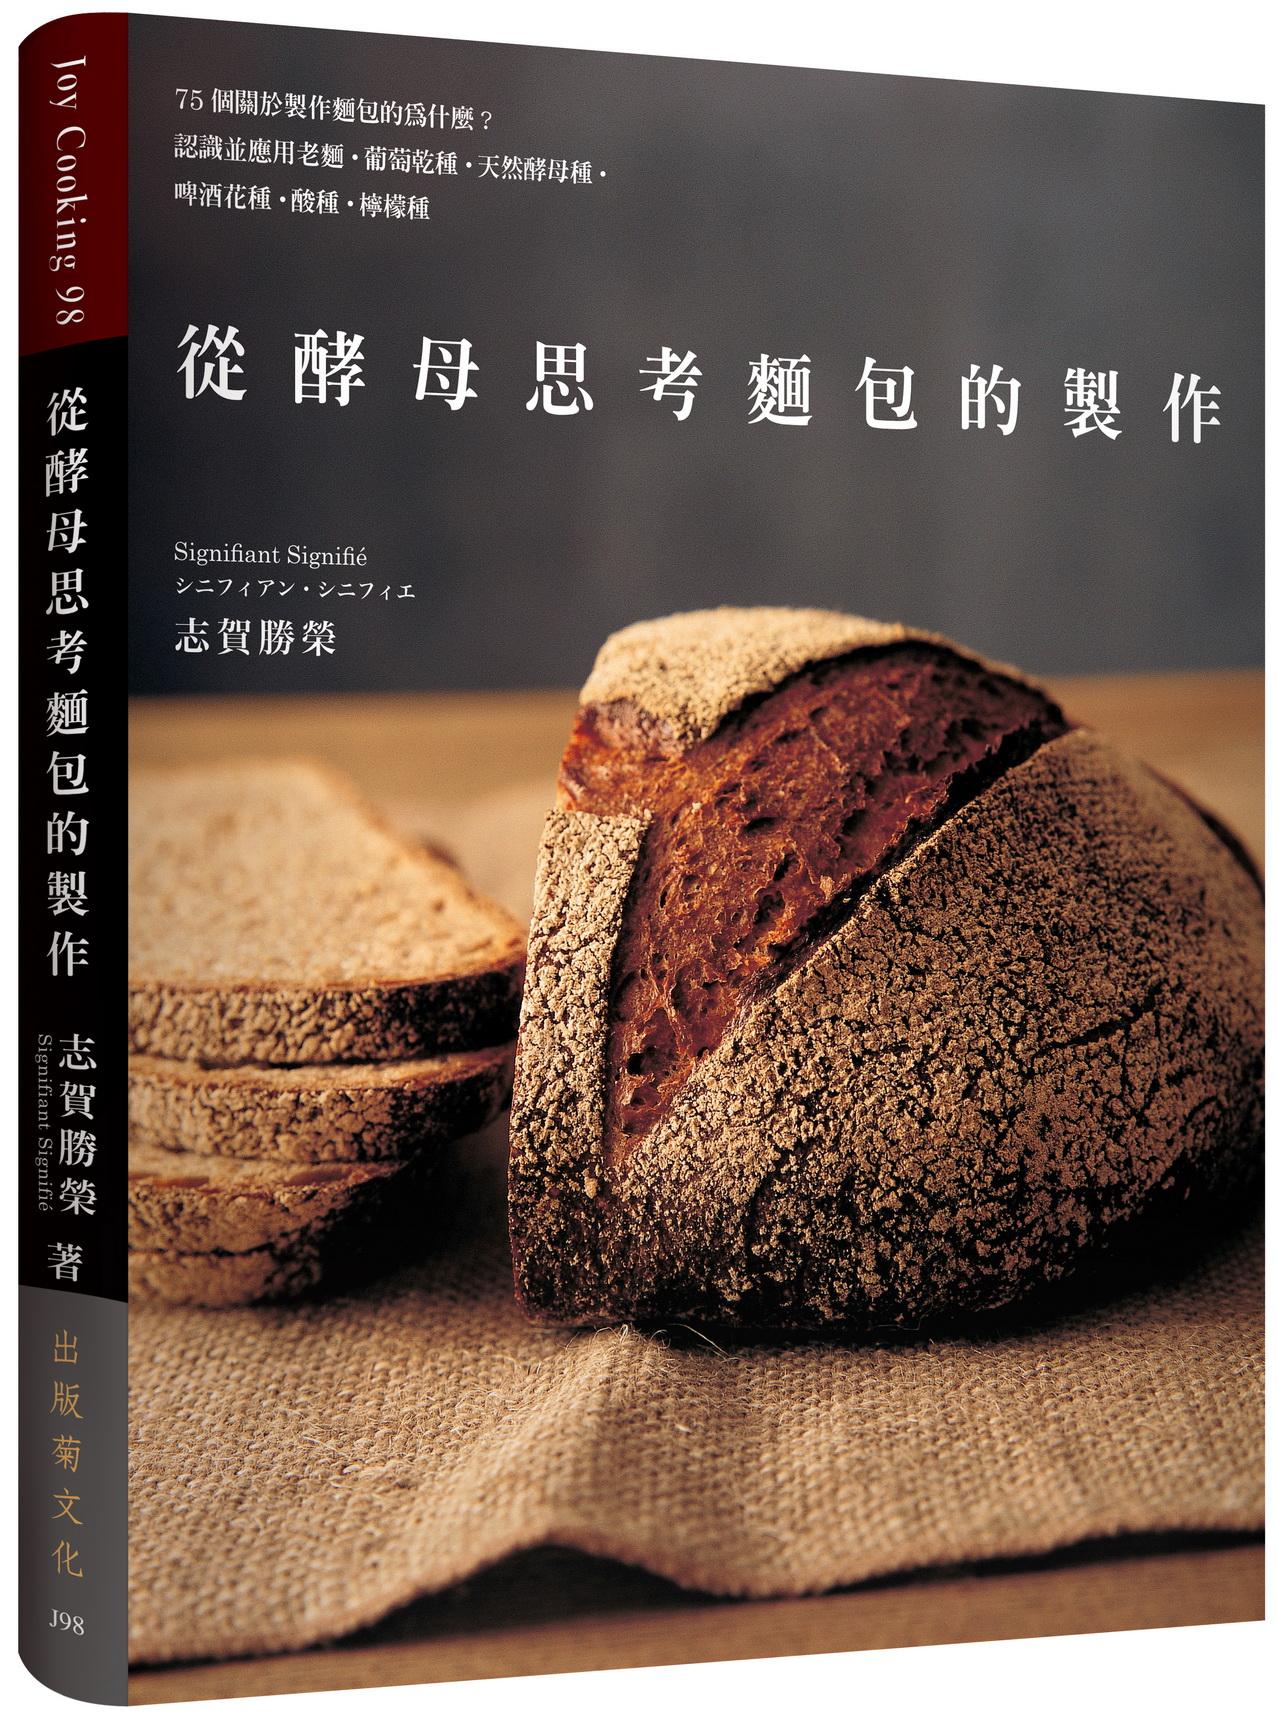 從酵母思考麵包的製作:75個關於製作麵包的為什麼?